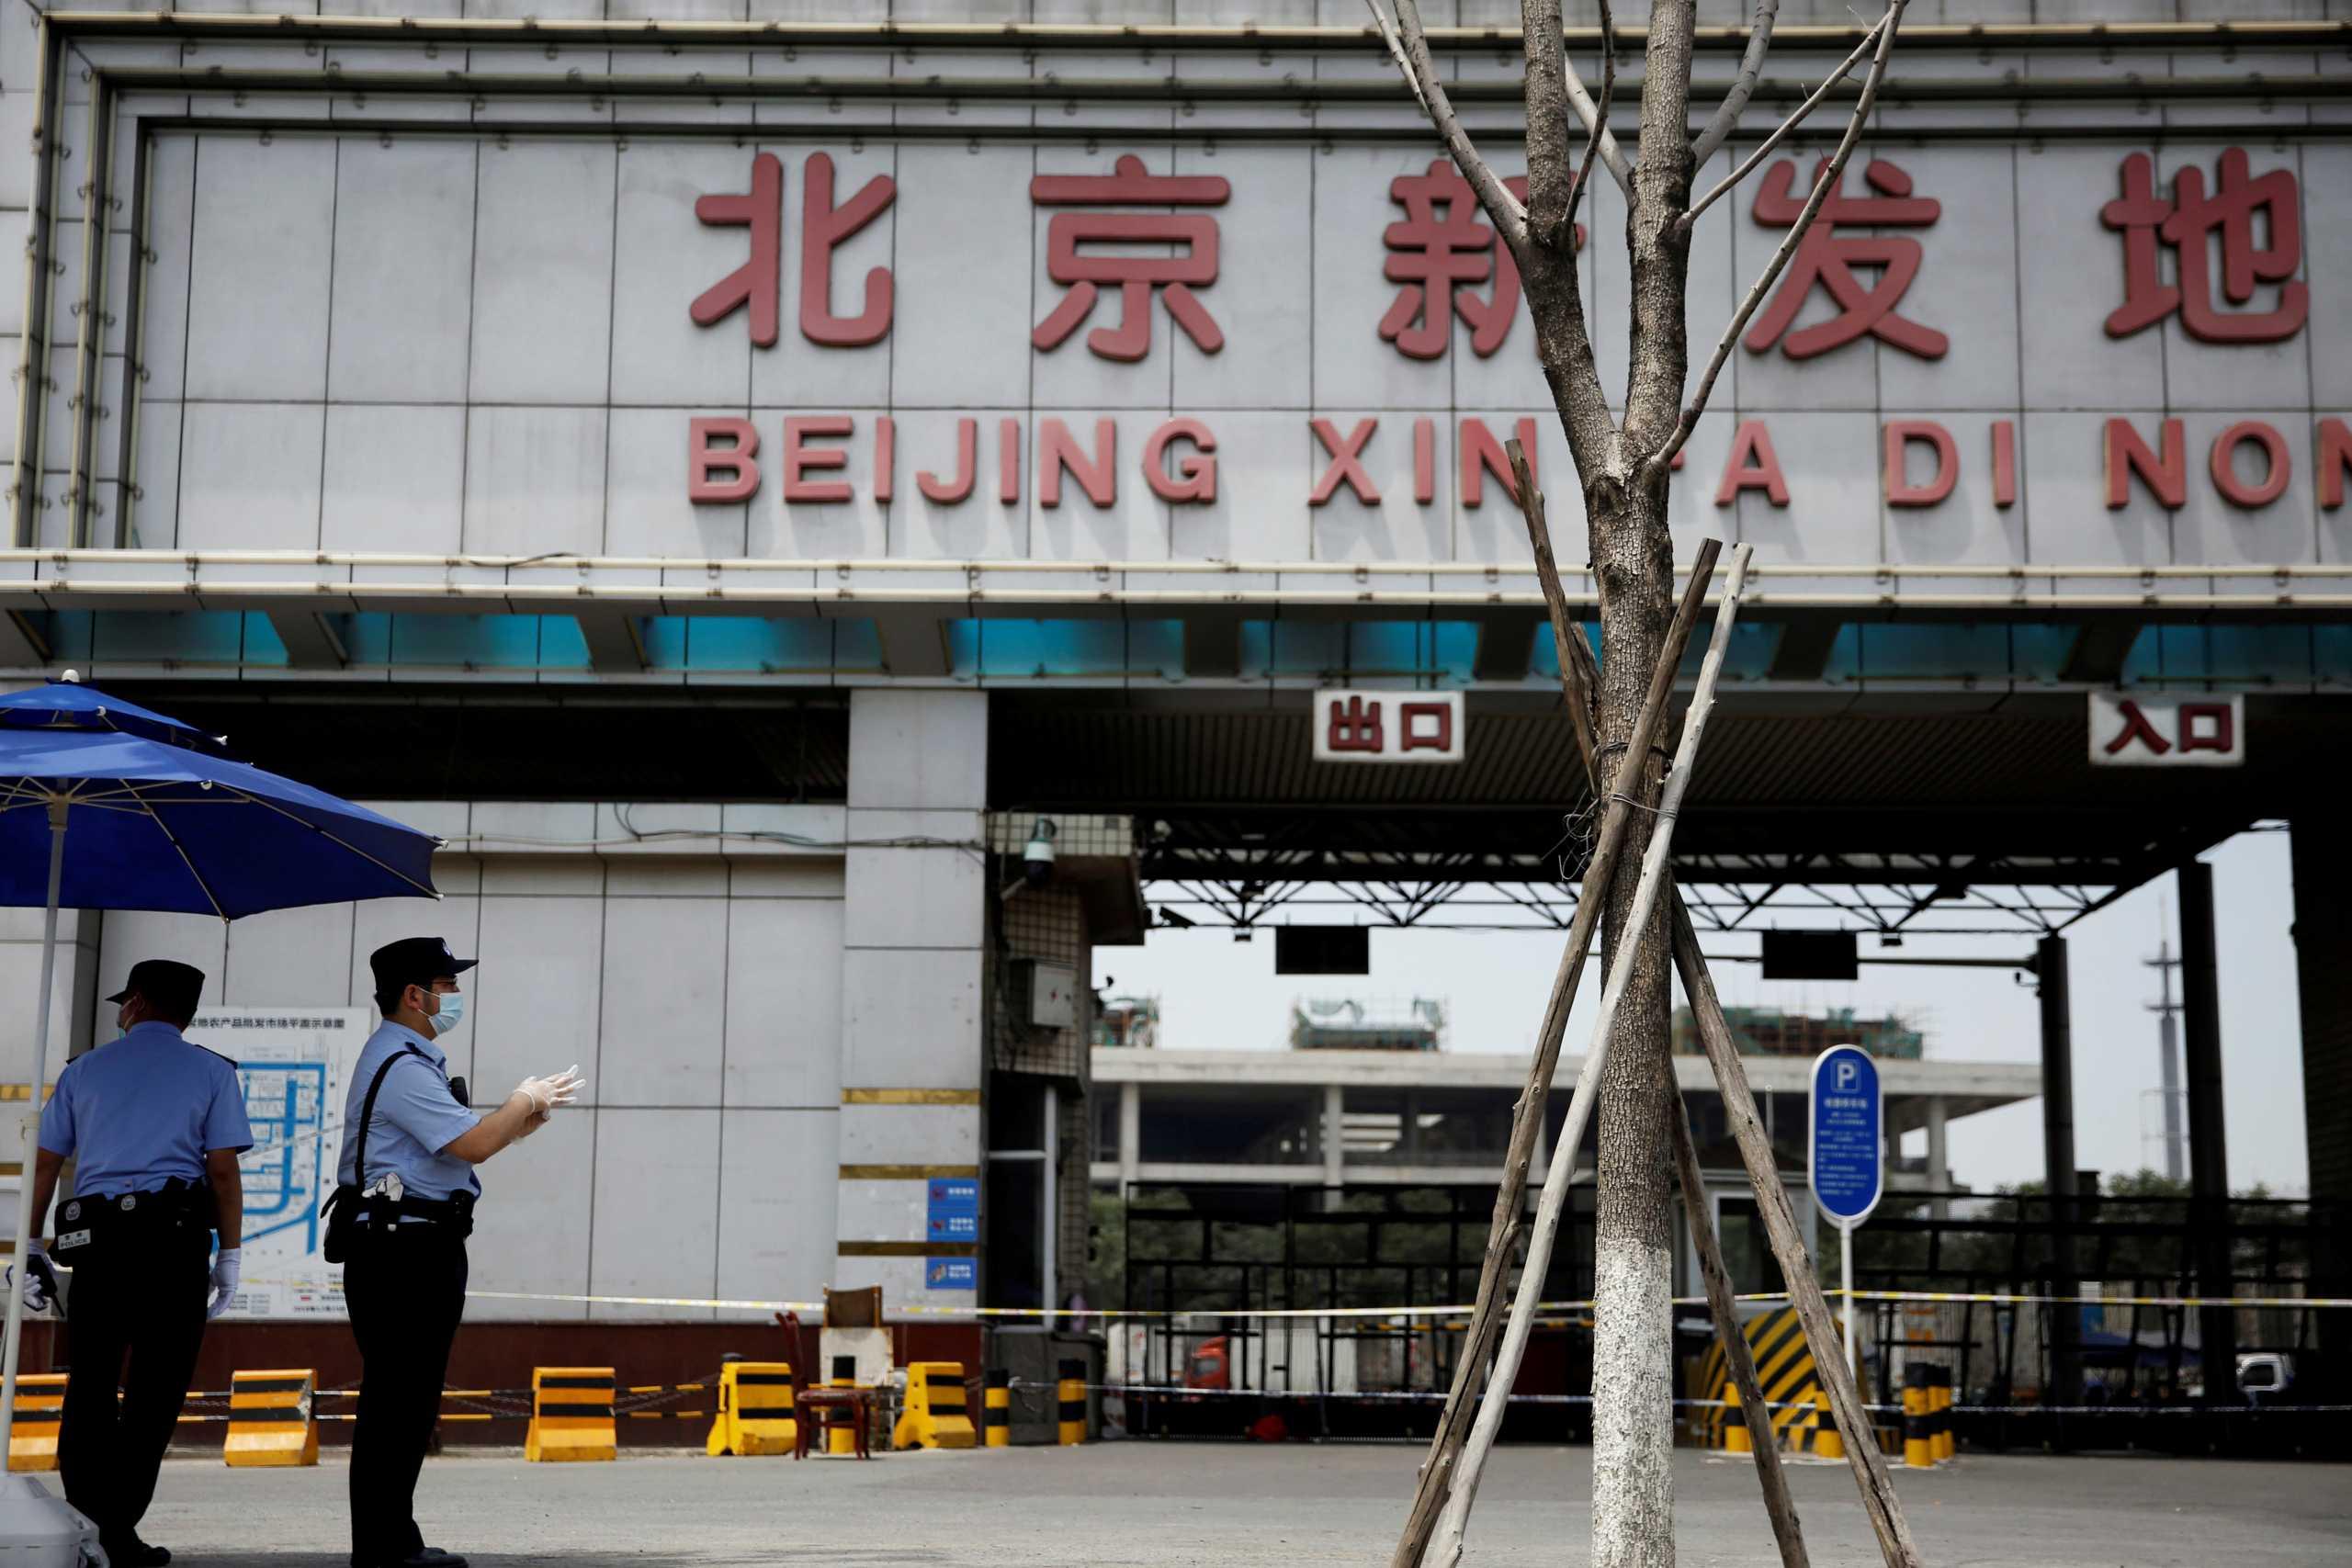 Η Κίνα καλεί την ΕΕ να σταματήσει τα «ανεύθυνα σχόλια» για τη σύλληψη της δημοσιογράφου του Bloomberg